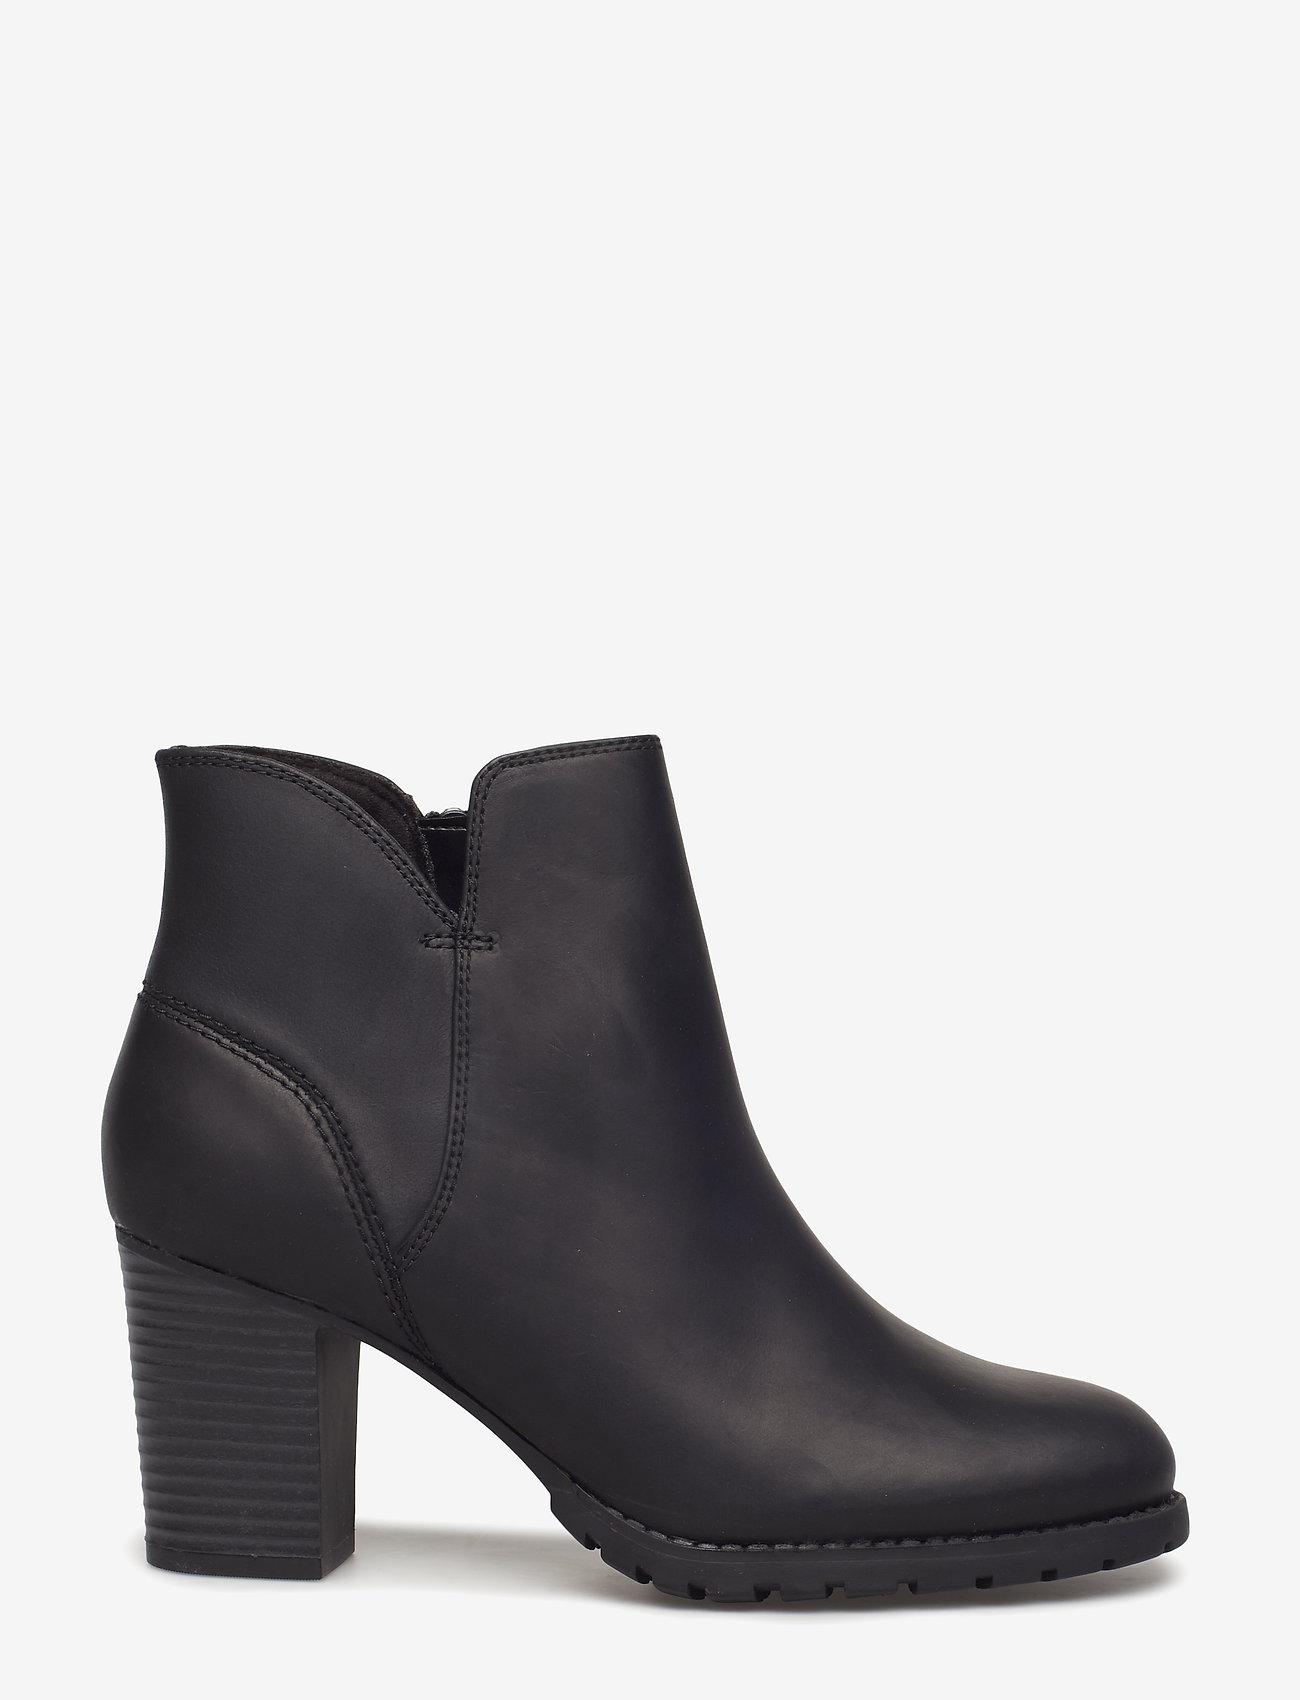 Clarks - Verona Trish - ankelstøvletter med hæl - black leather - 1